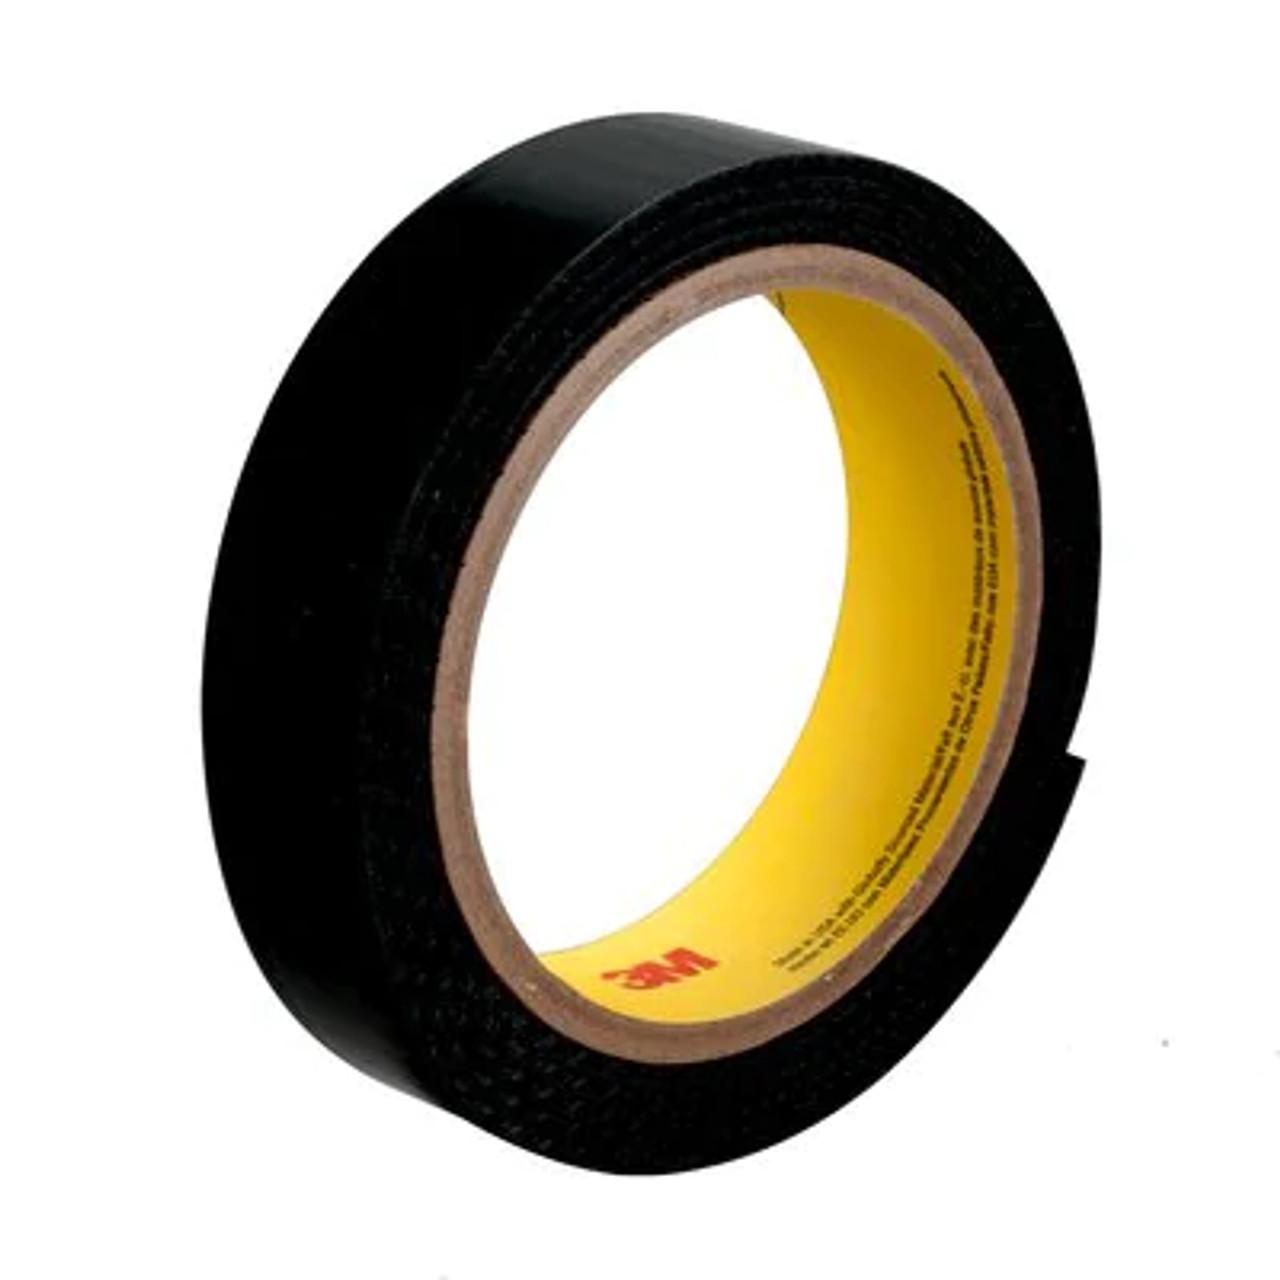 3M™ Plasticizer Resistant Loop Fastener SJ3523, Black, 1 in x 50 yd